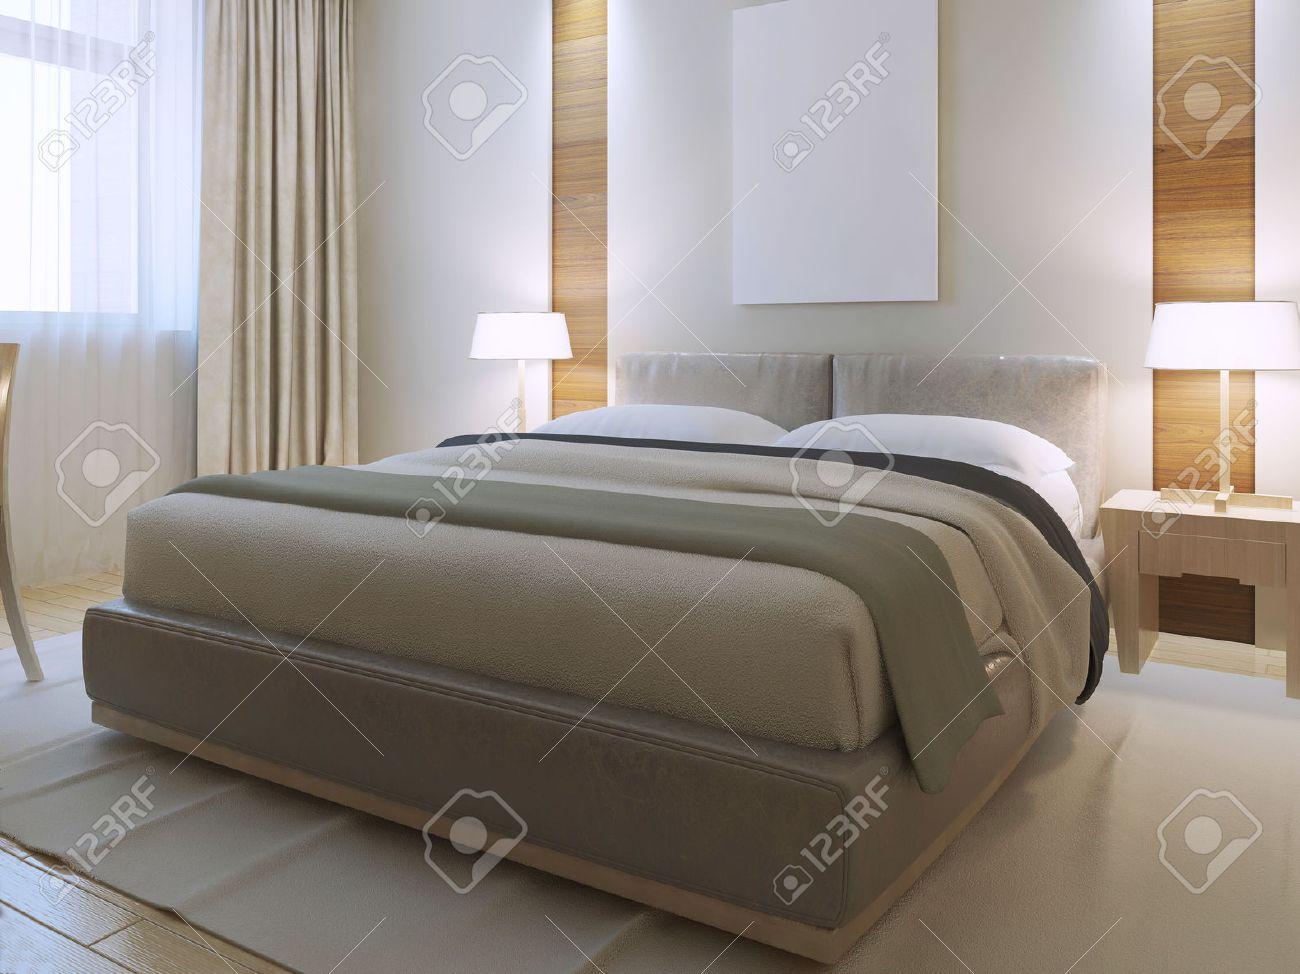 camera da letto in stile contemporaneo. ampia camera con nicchia